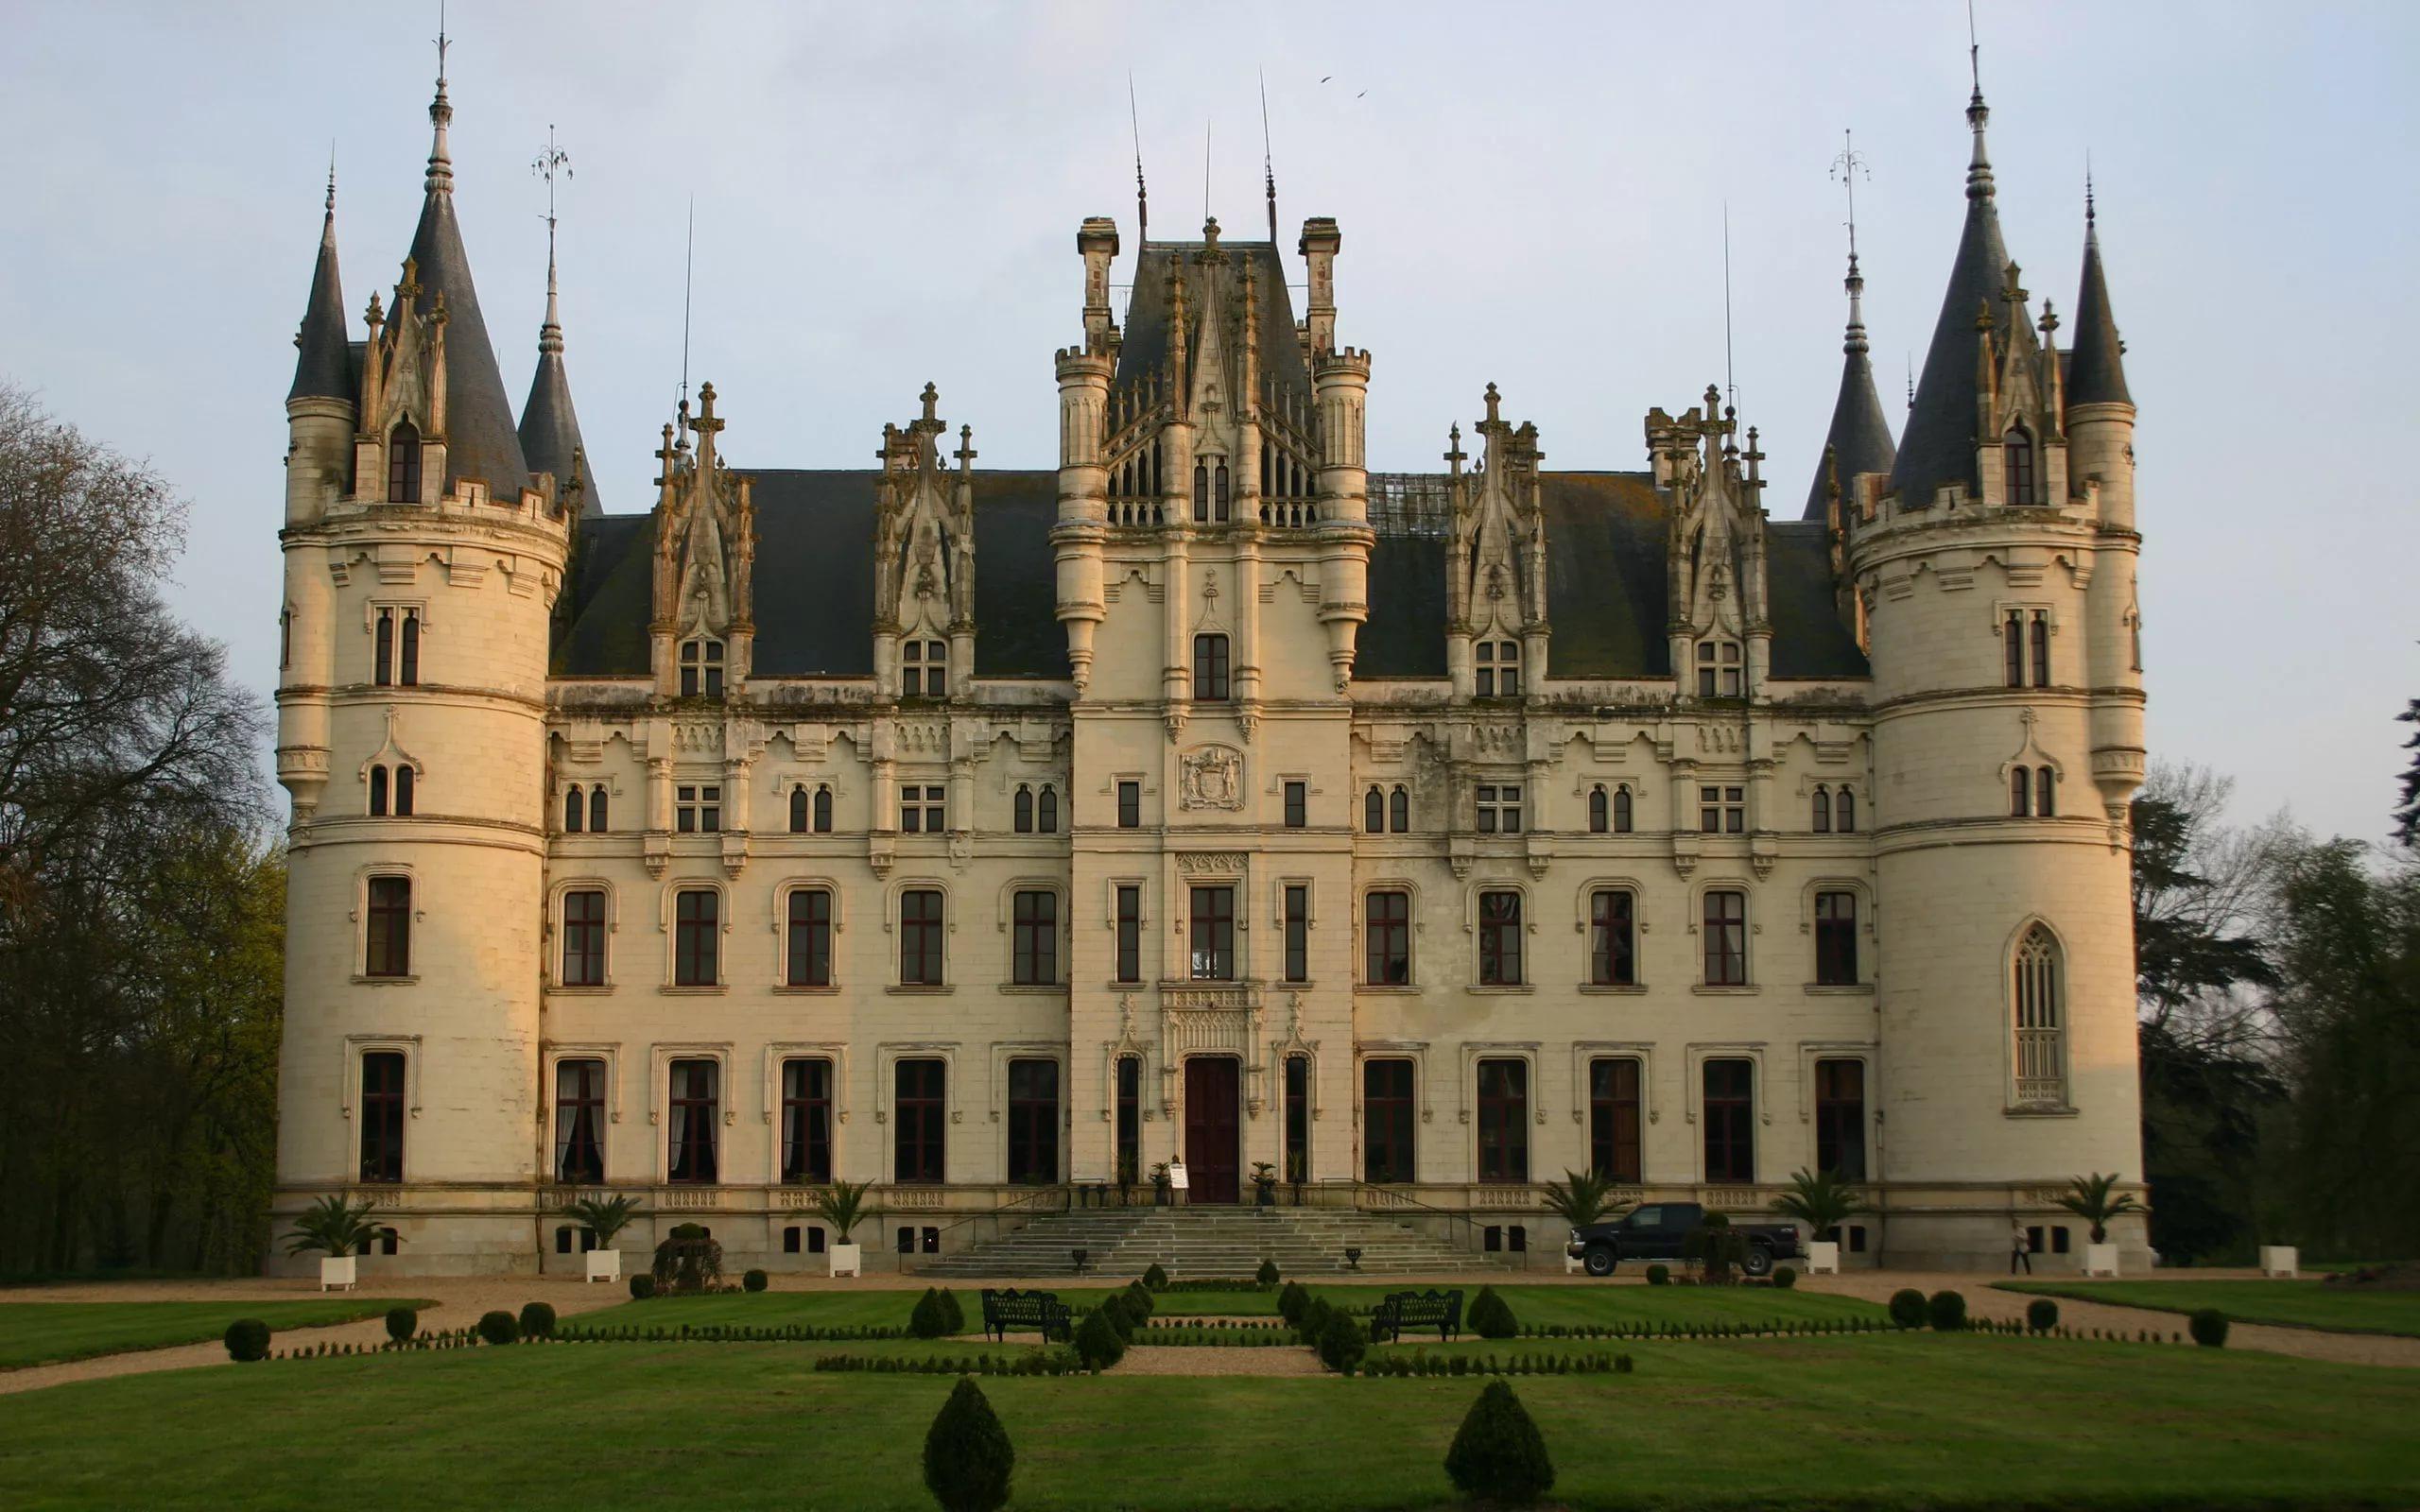 Строительство замка как аналогия работы над построением бизнес-процессов компании